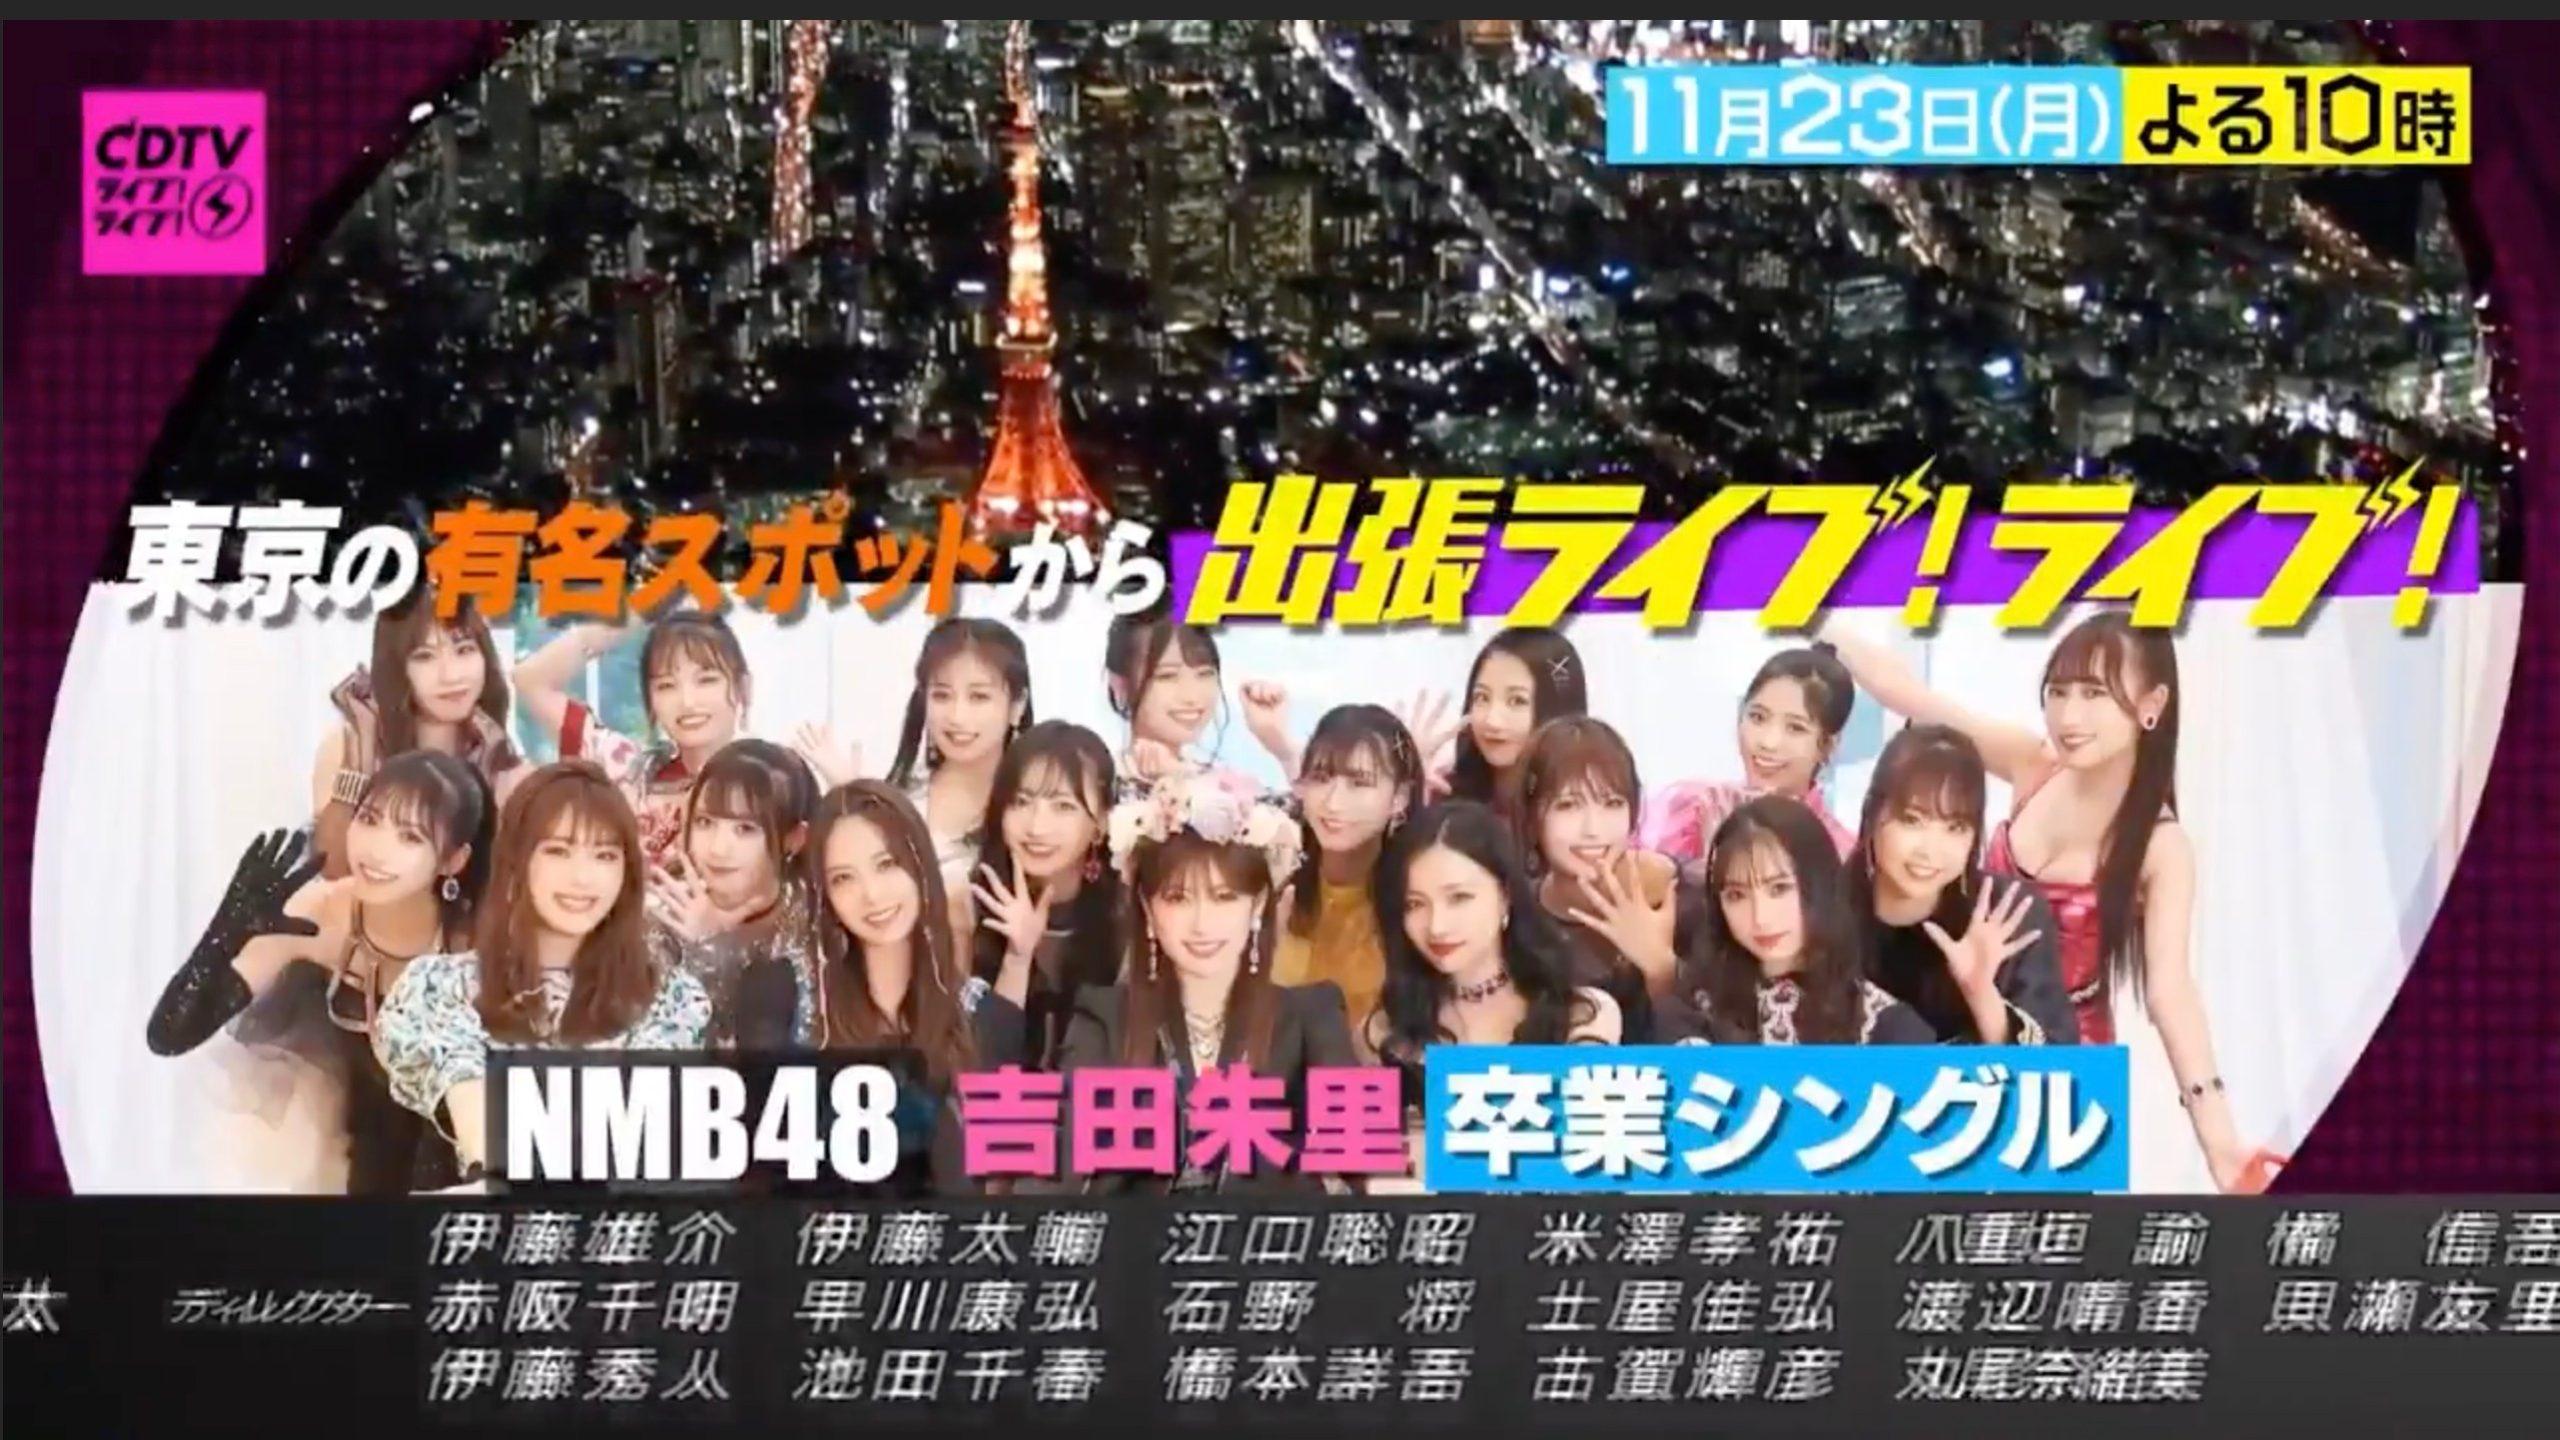 【NMB48】11月23日のCDTVライブライブにNMB48が出演